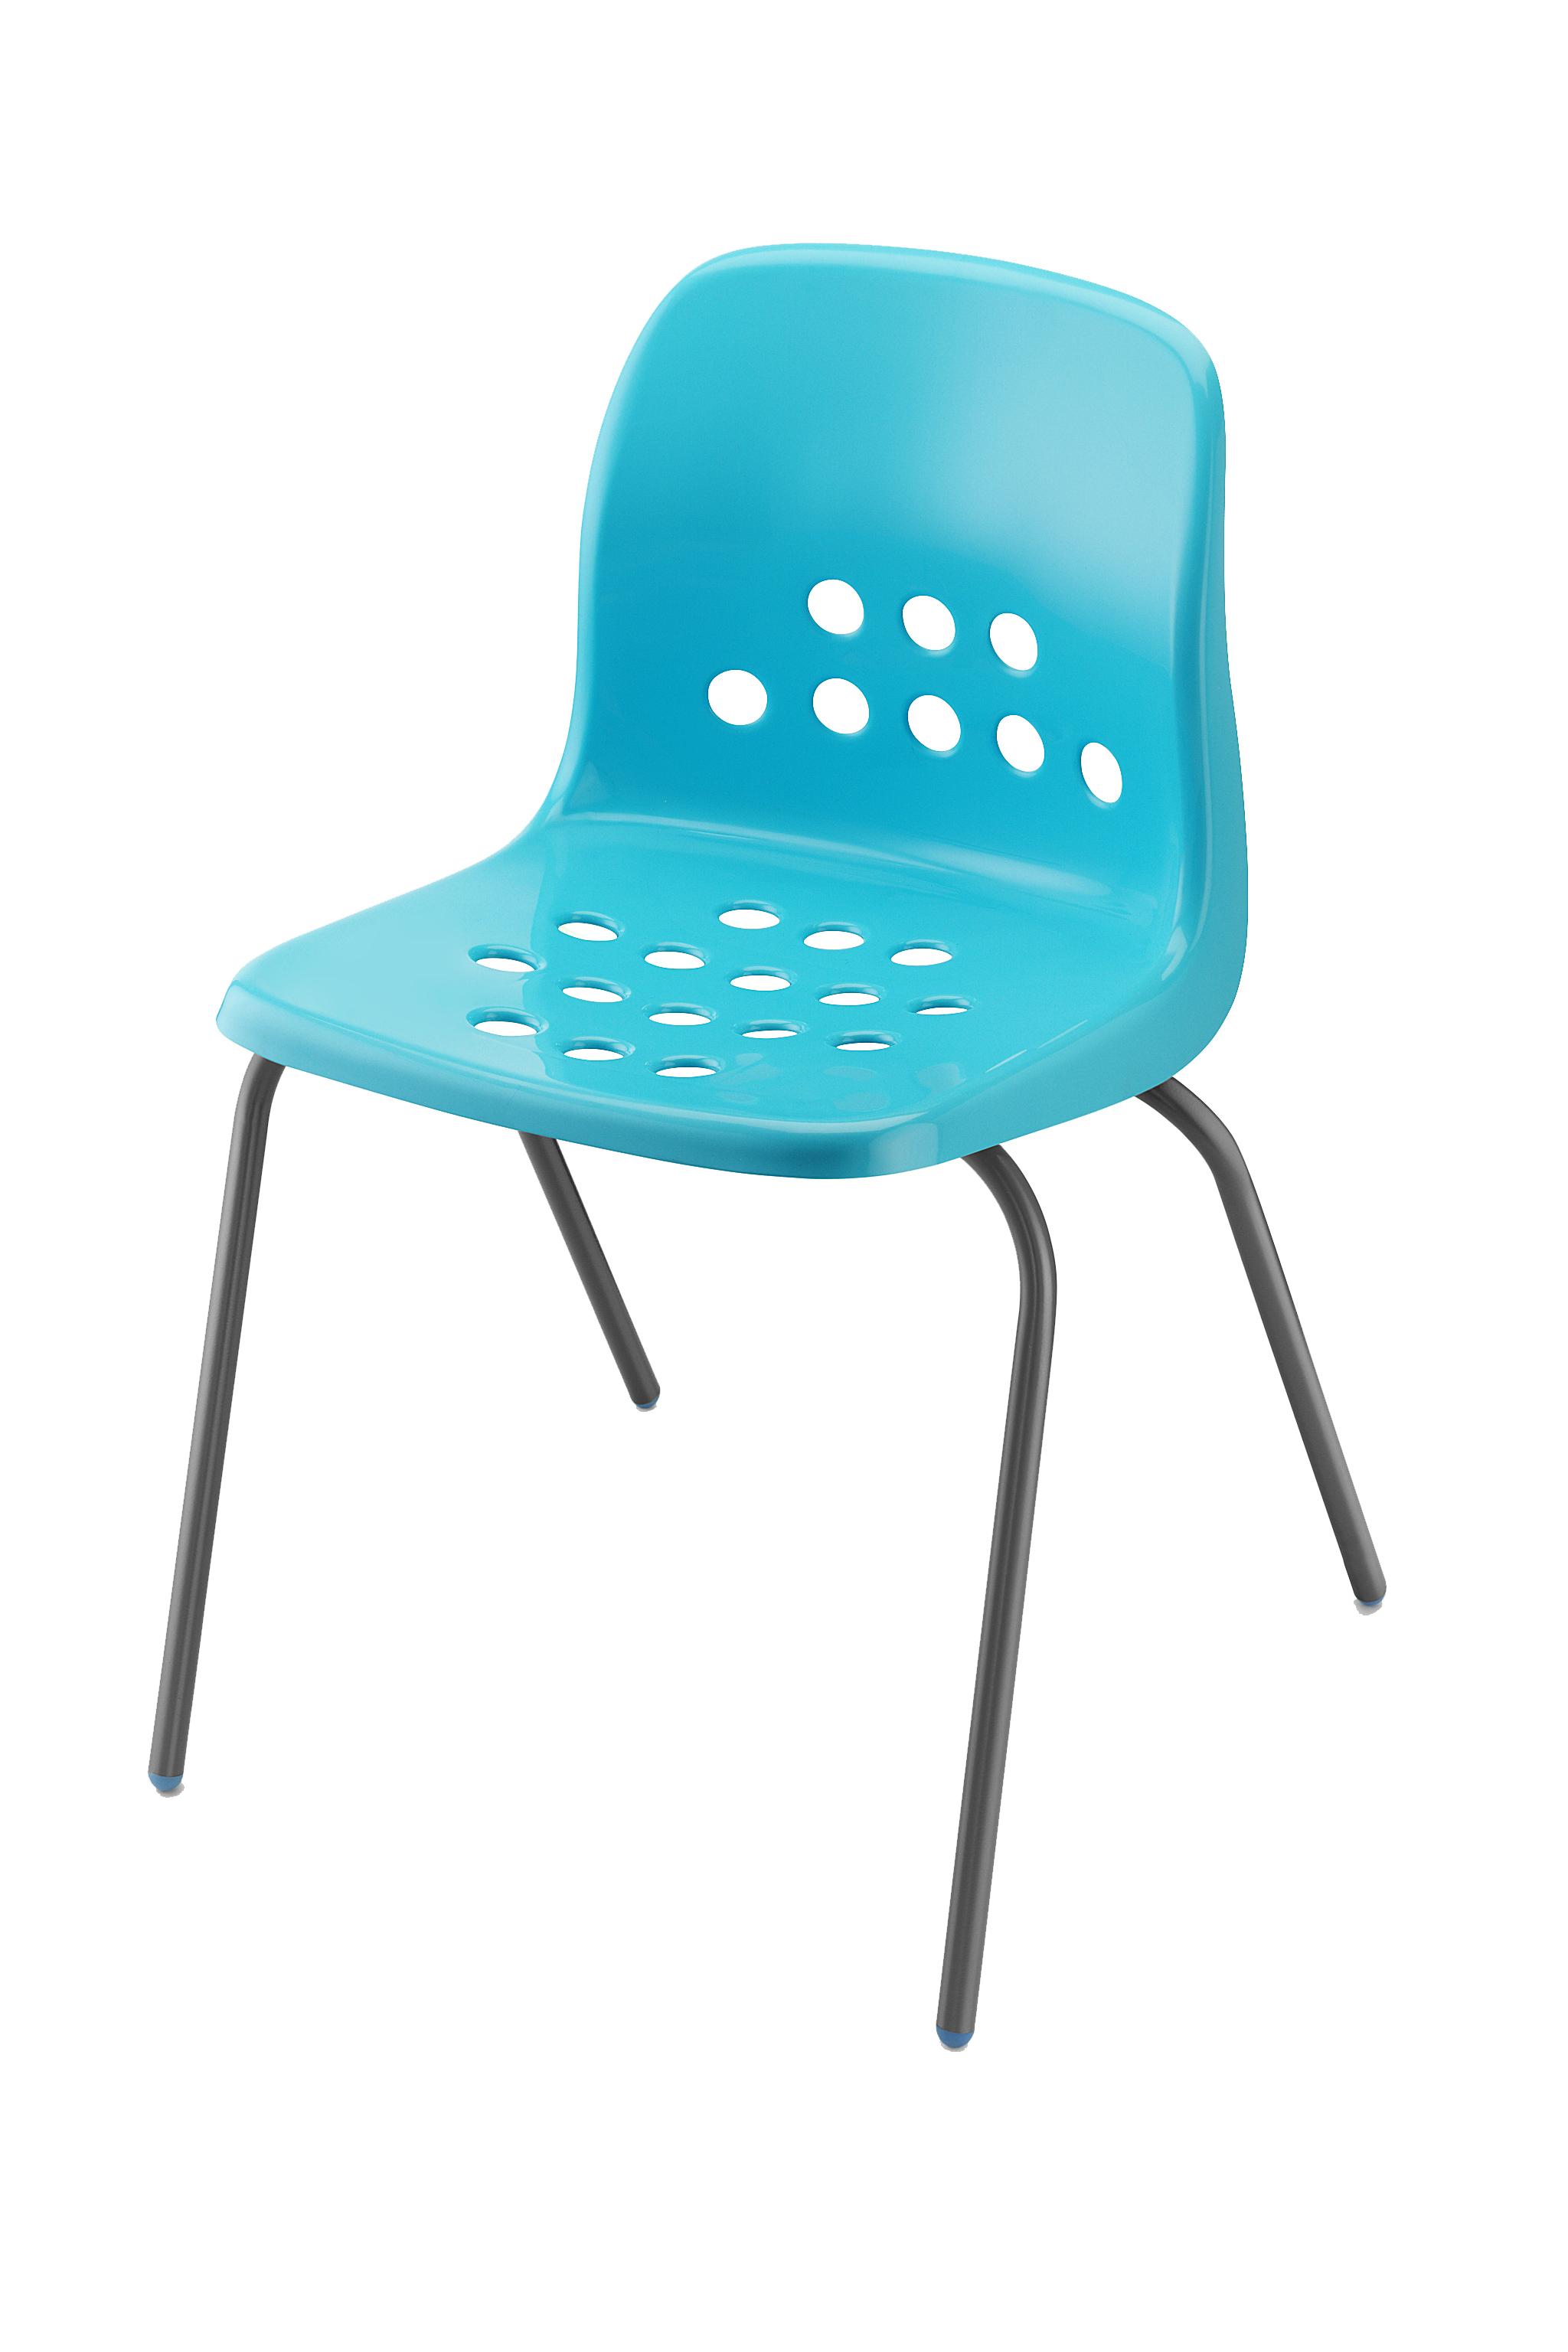 SG2062 blue